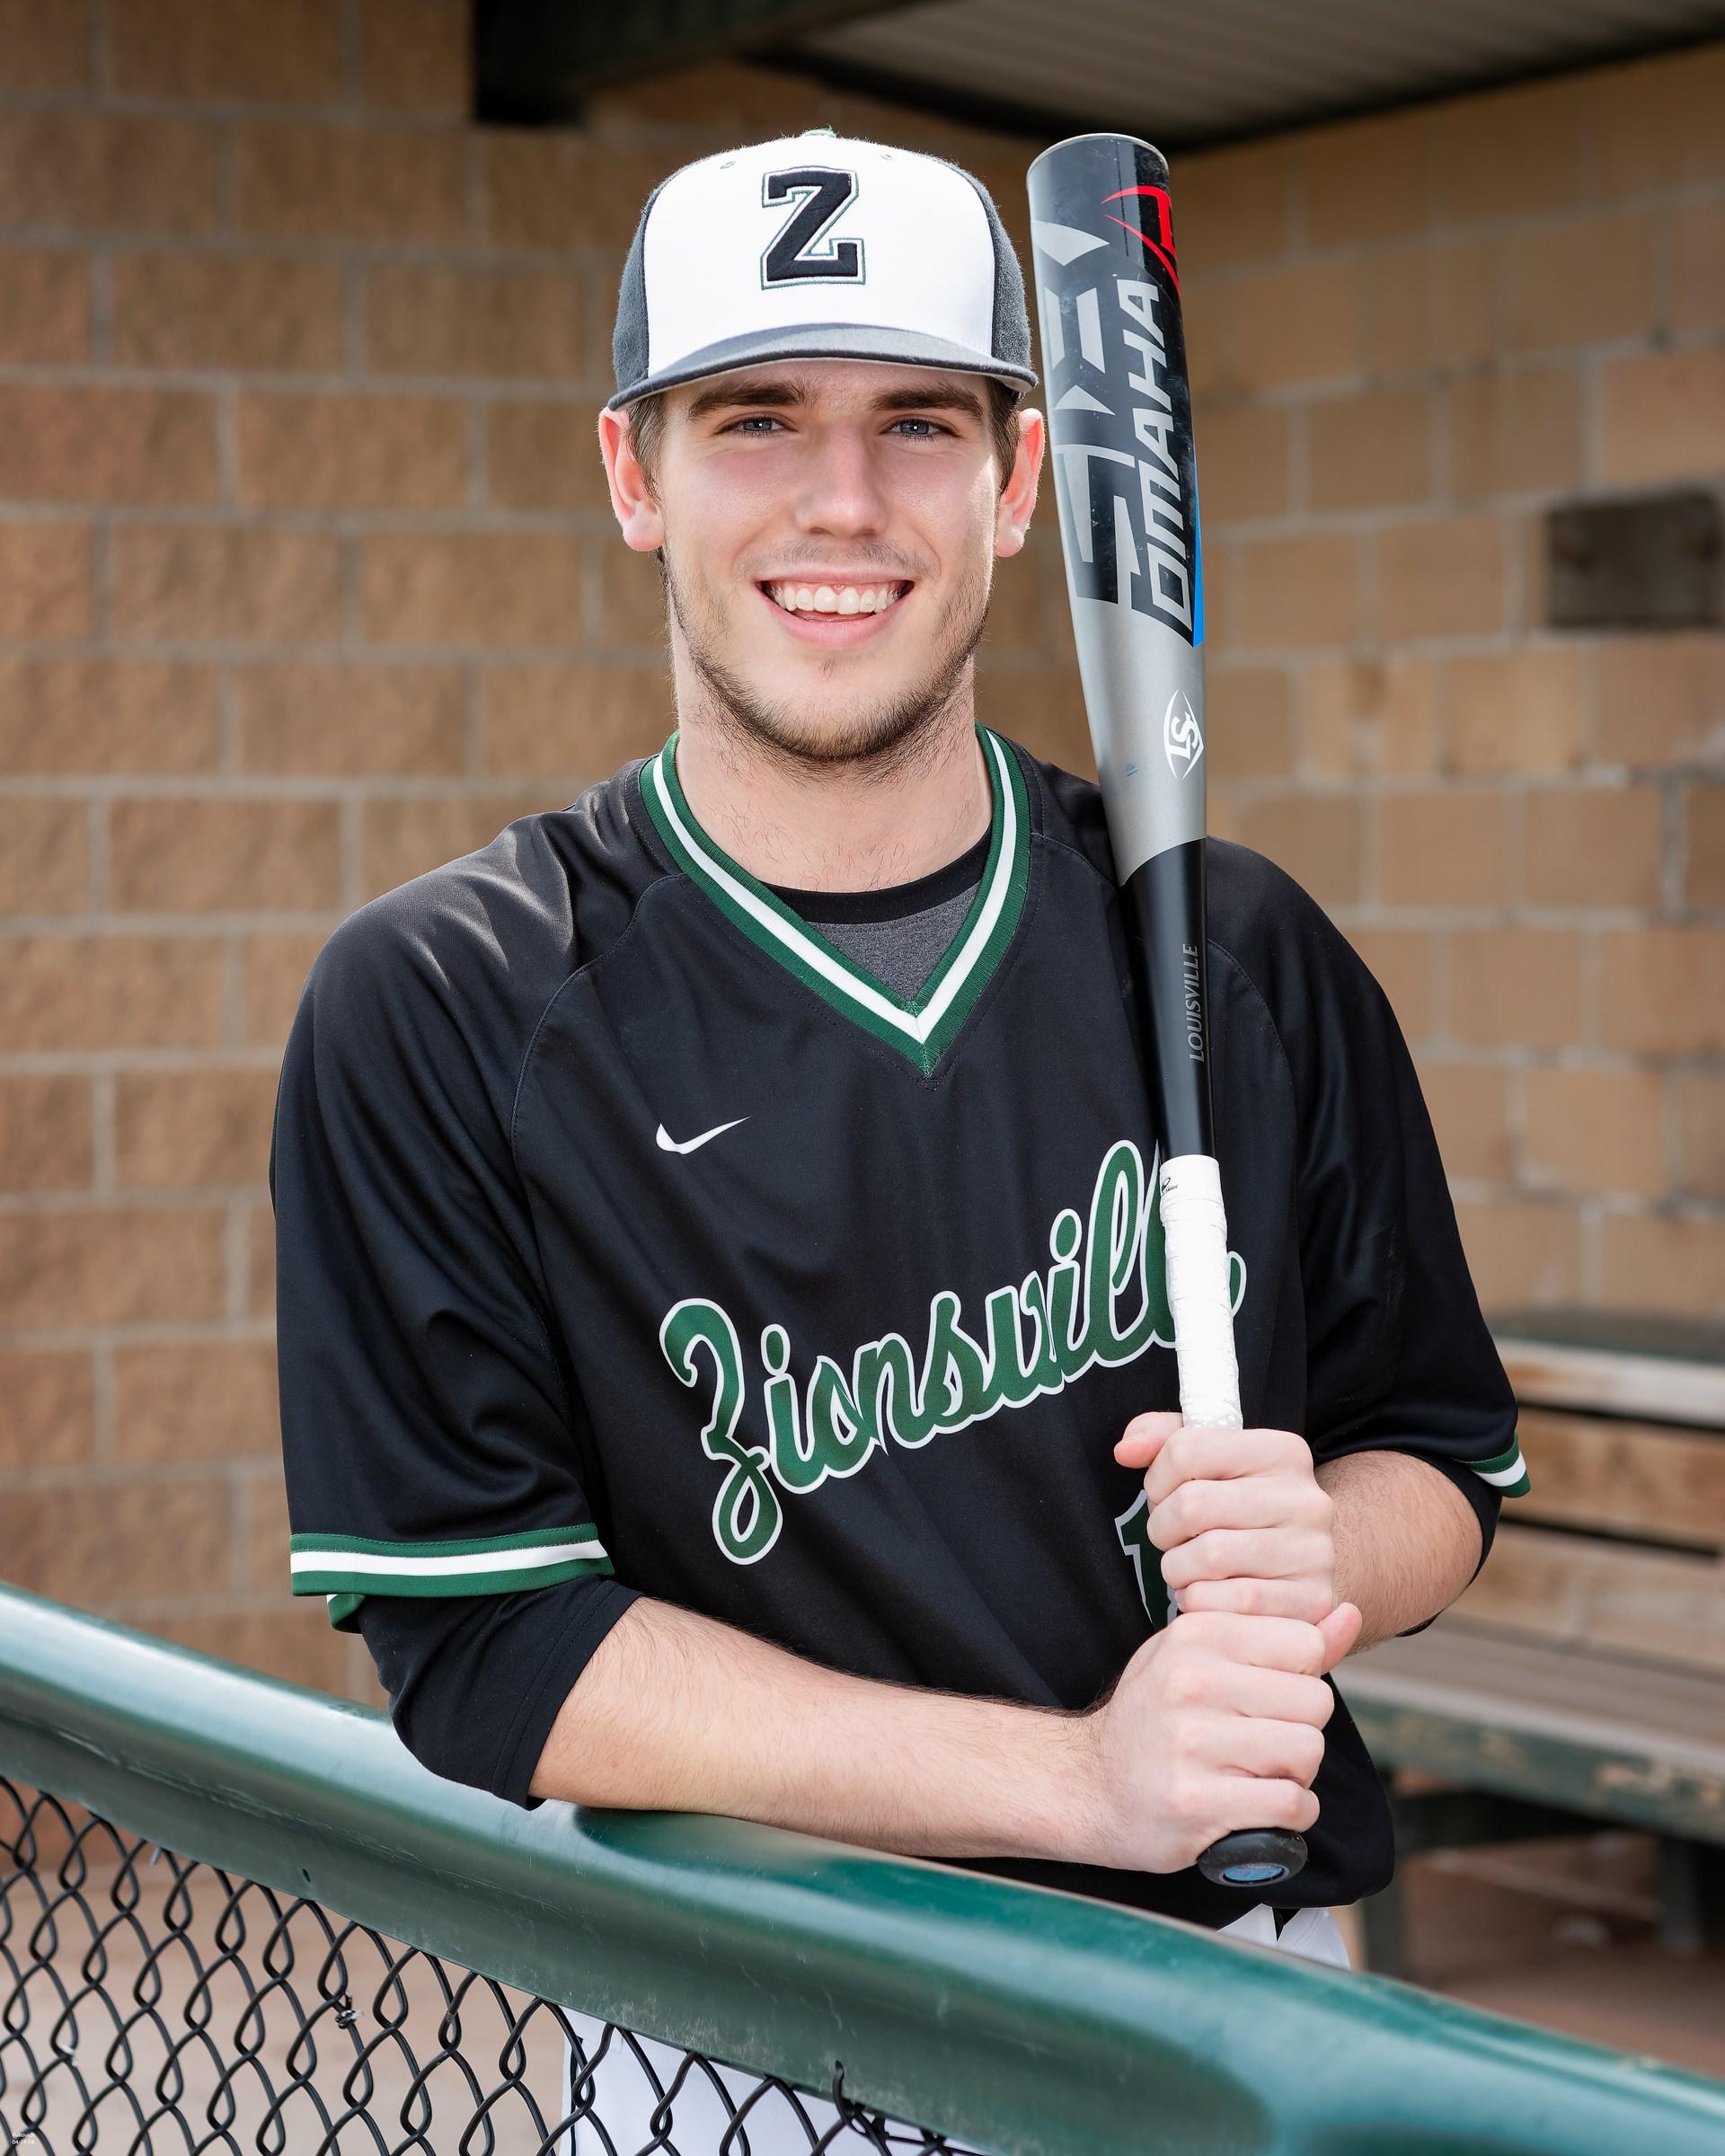 Senior Sam Edgell